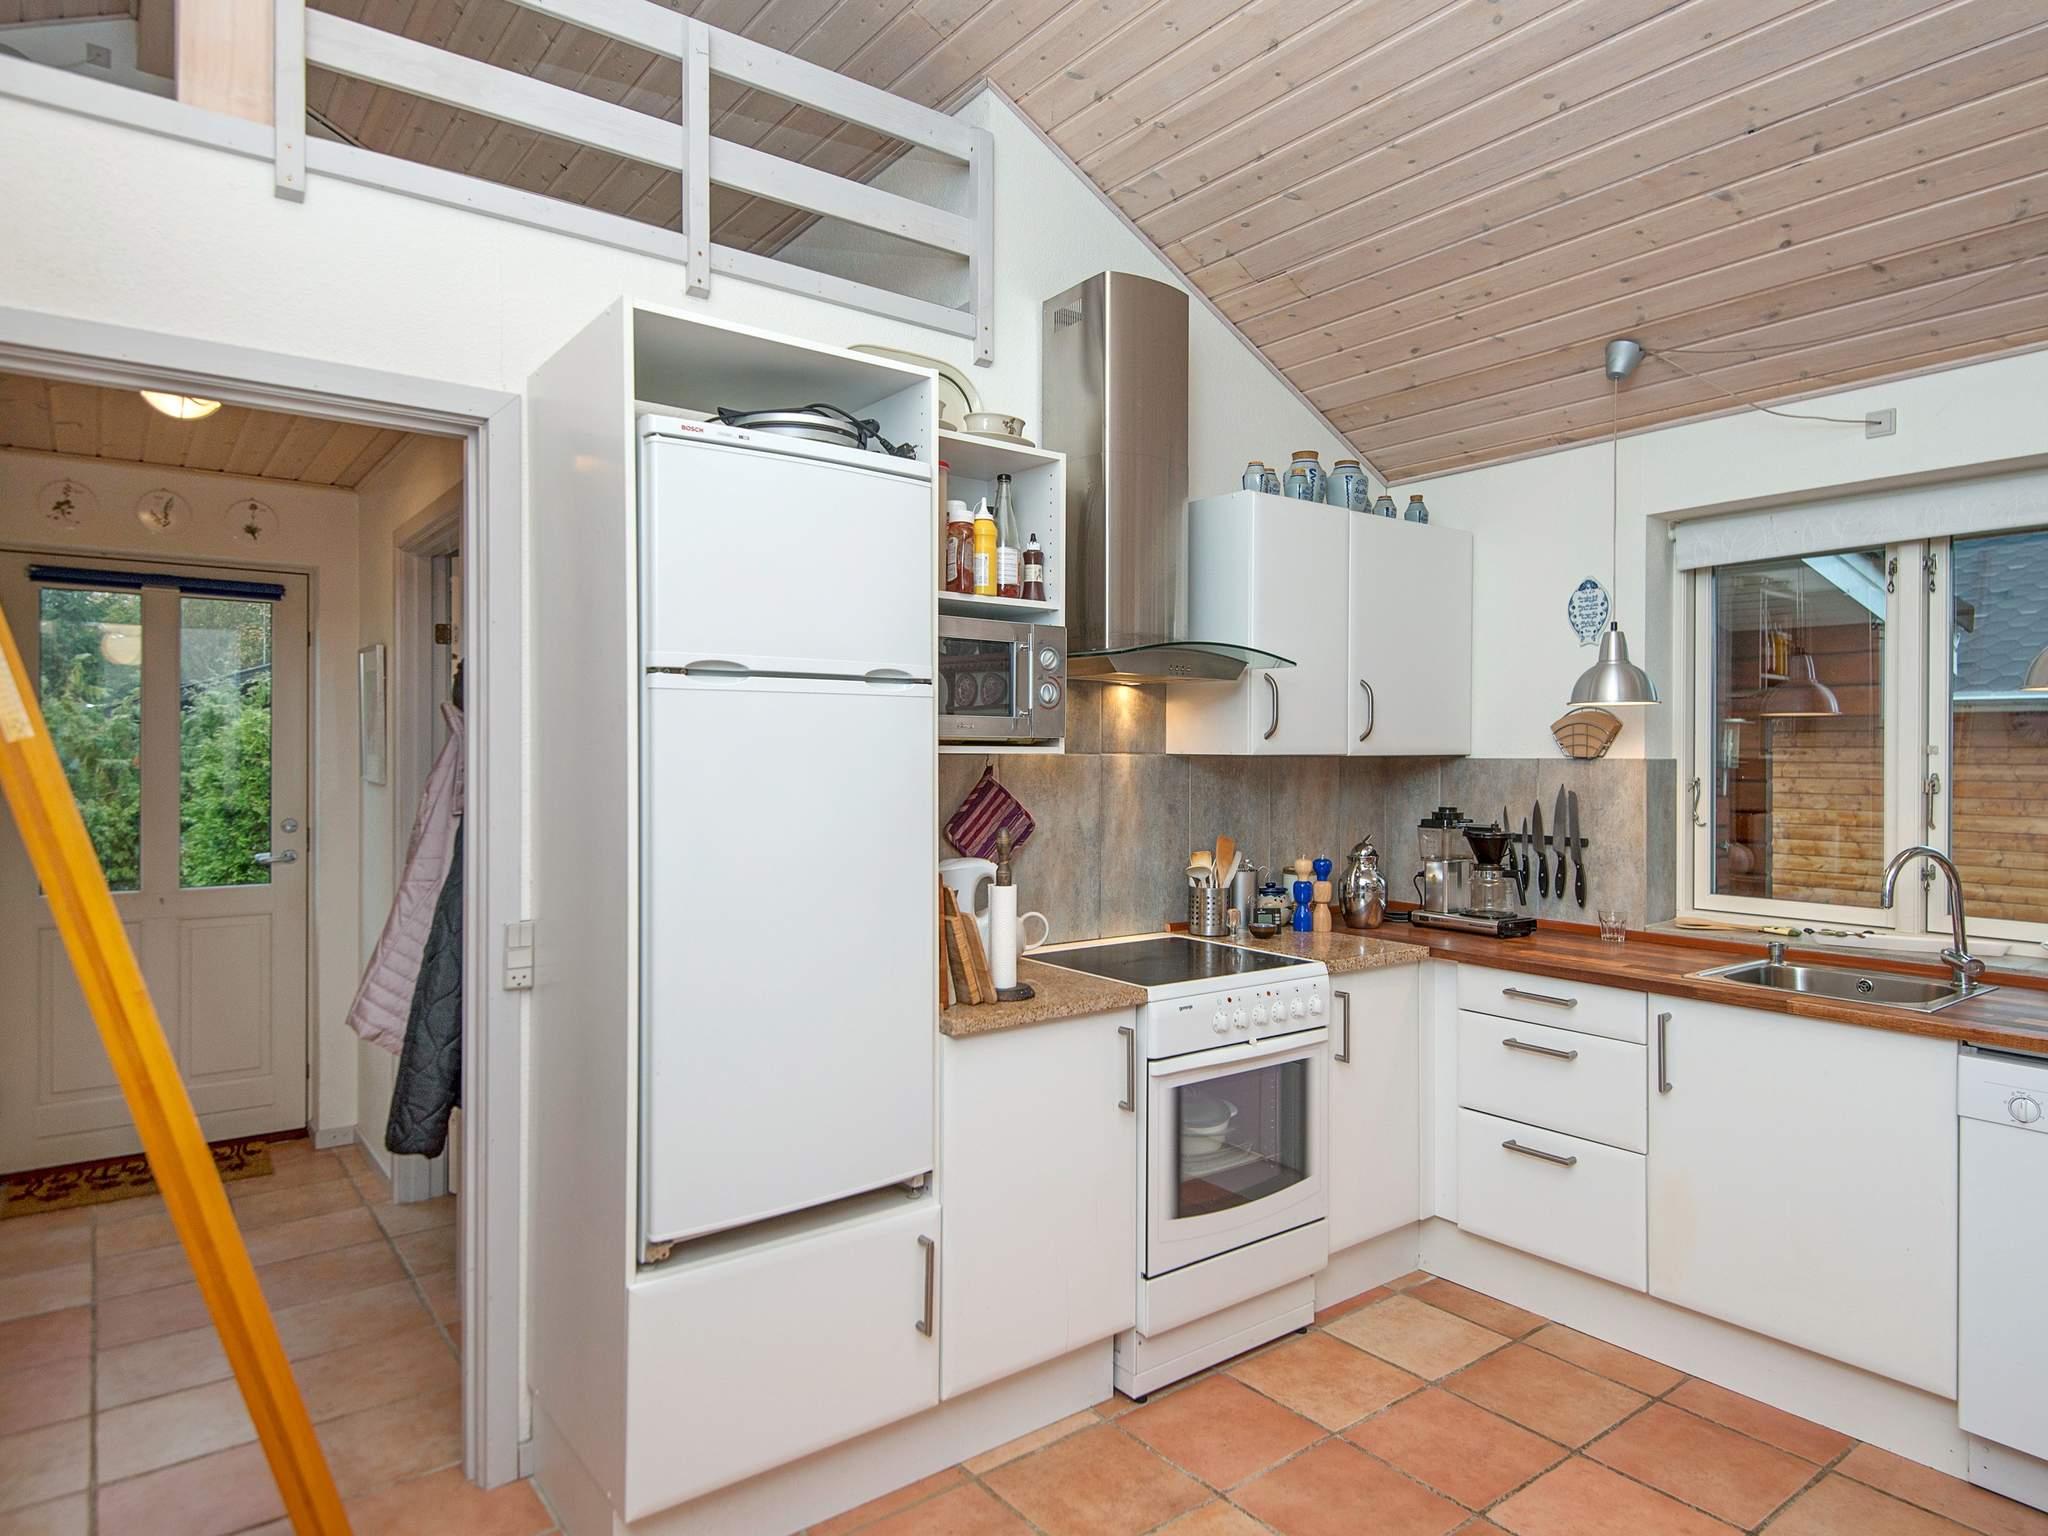 Ferienhaus Silkeborg (2523712), Silkeborg, , Ostjütland, Dänemark, Bild 3